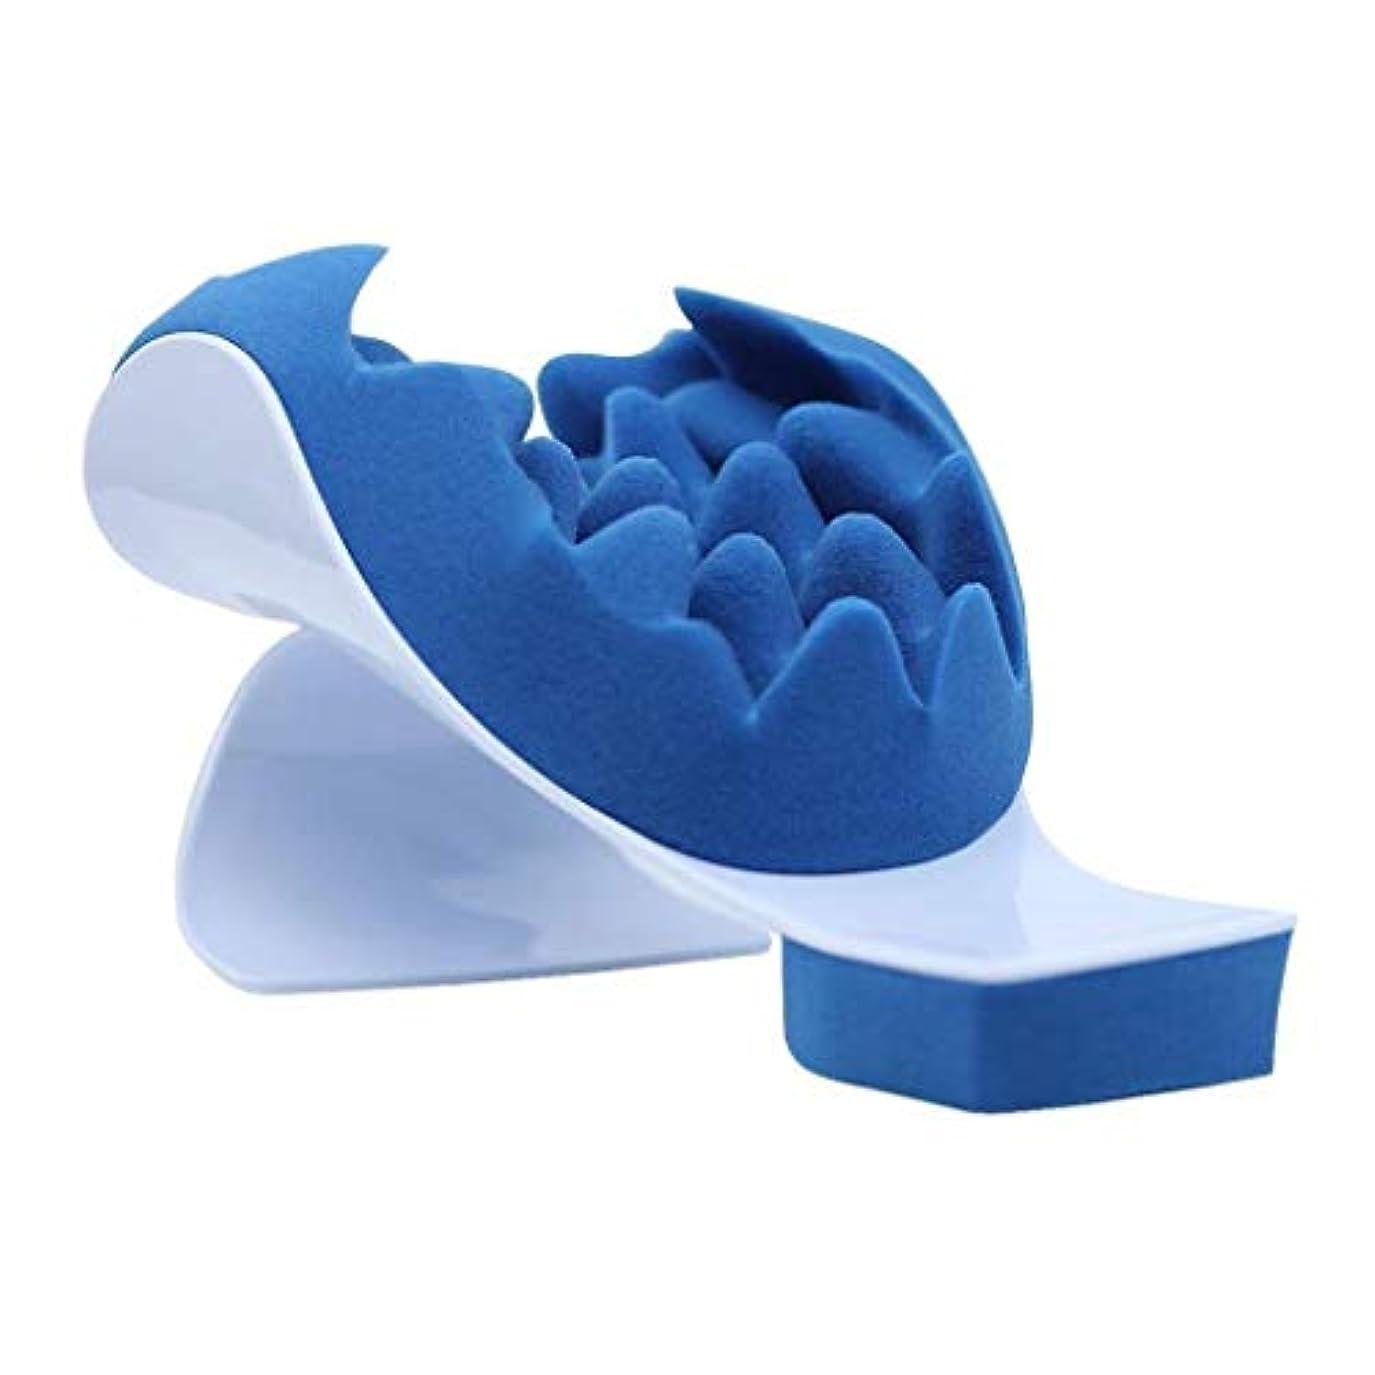 くしゃみバリーシンプルな頚部マッサージャー、首と肩の枕マッサージマット、リラクゼーションマッスルとサポートマッサージ機器、メモリーフォームパッド、ホームオフィス旅行の使用に適しています